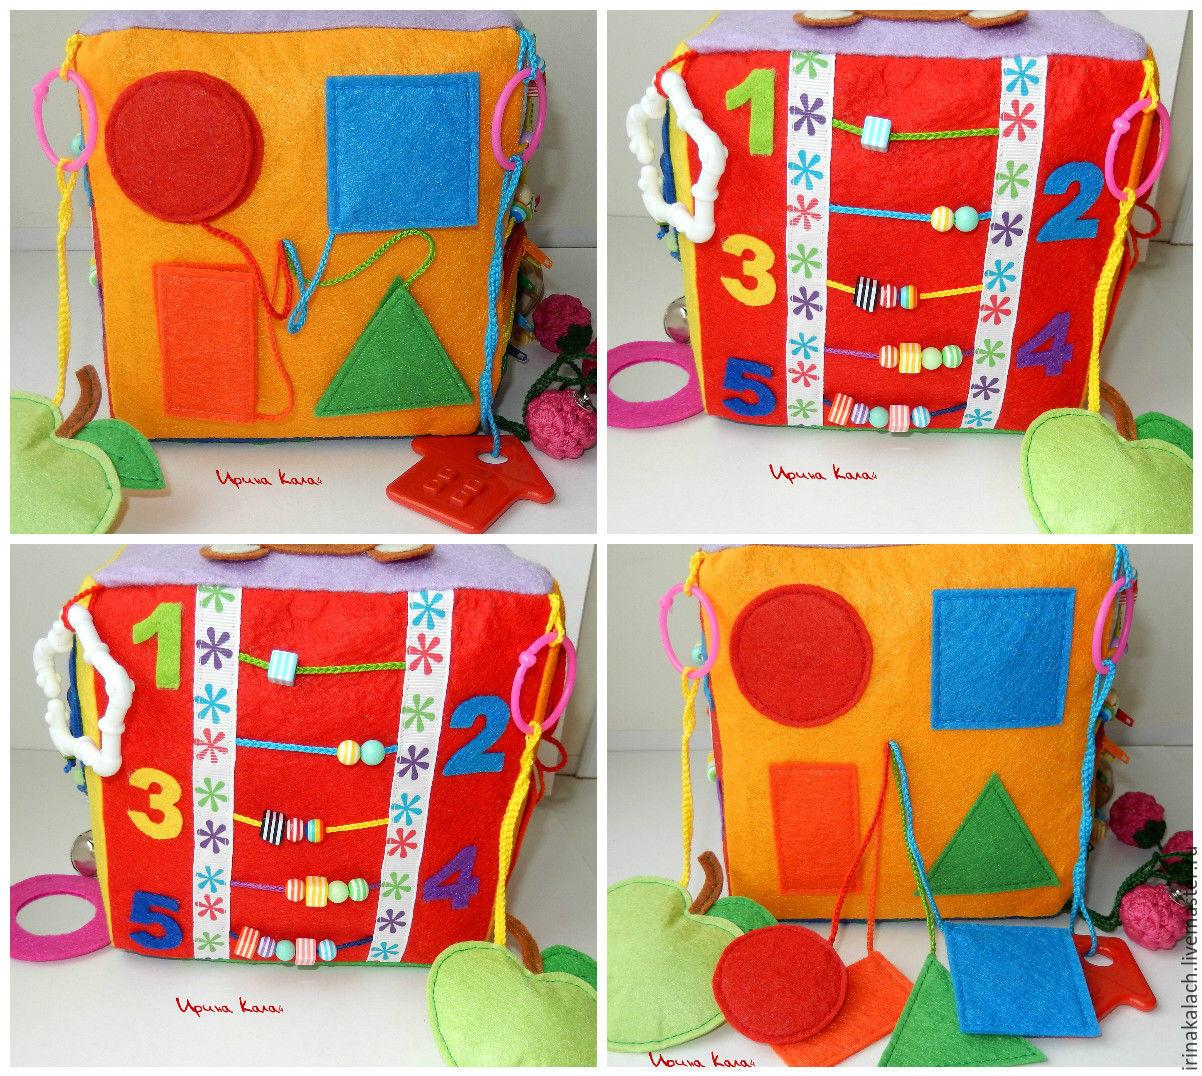 Сшить развивающий кубик своими руками пошаговая инструкция 7